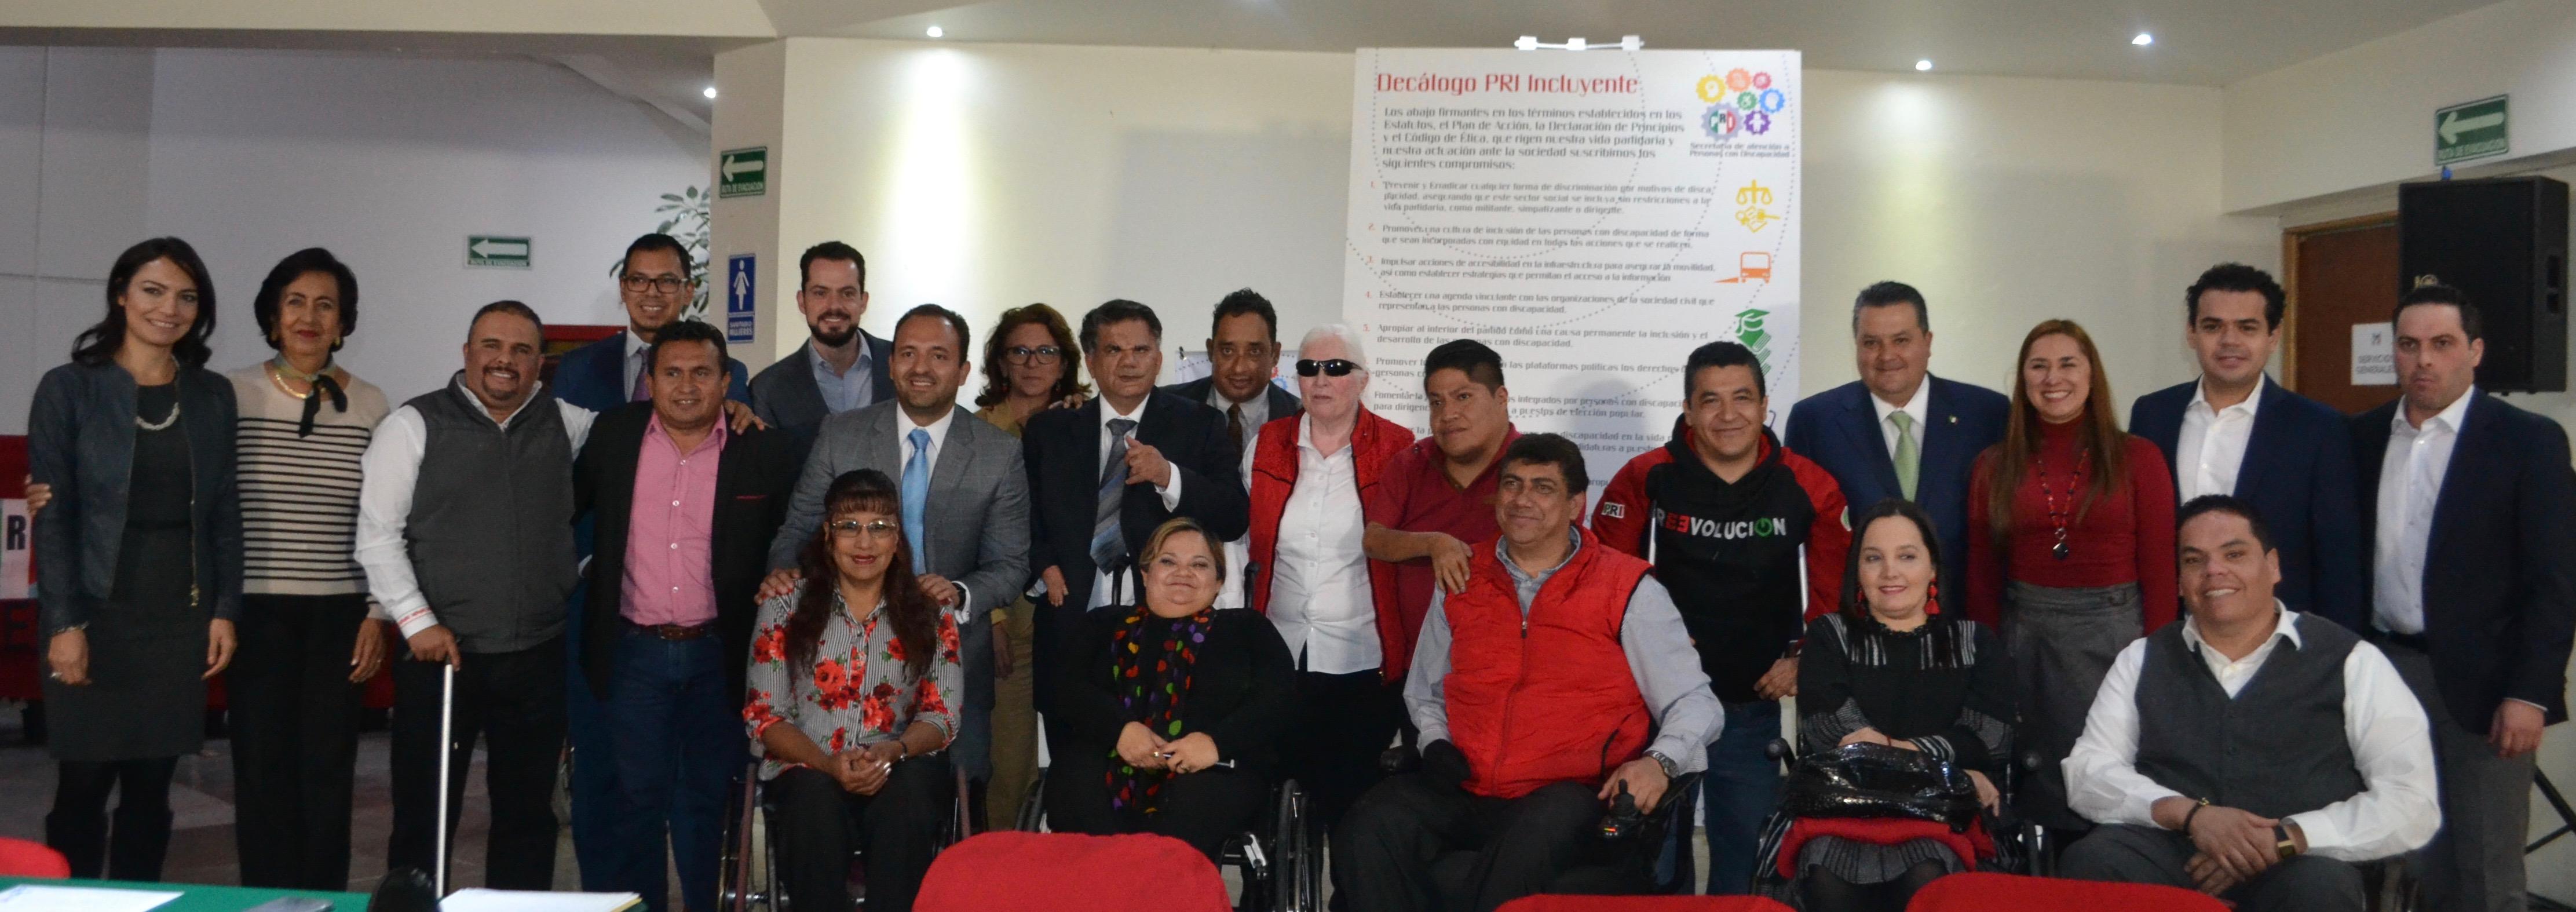 Firma del Decálogo por la inclusión